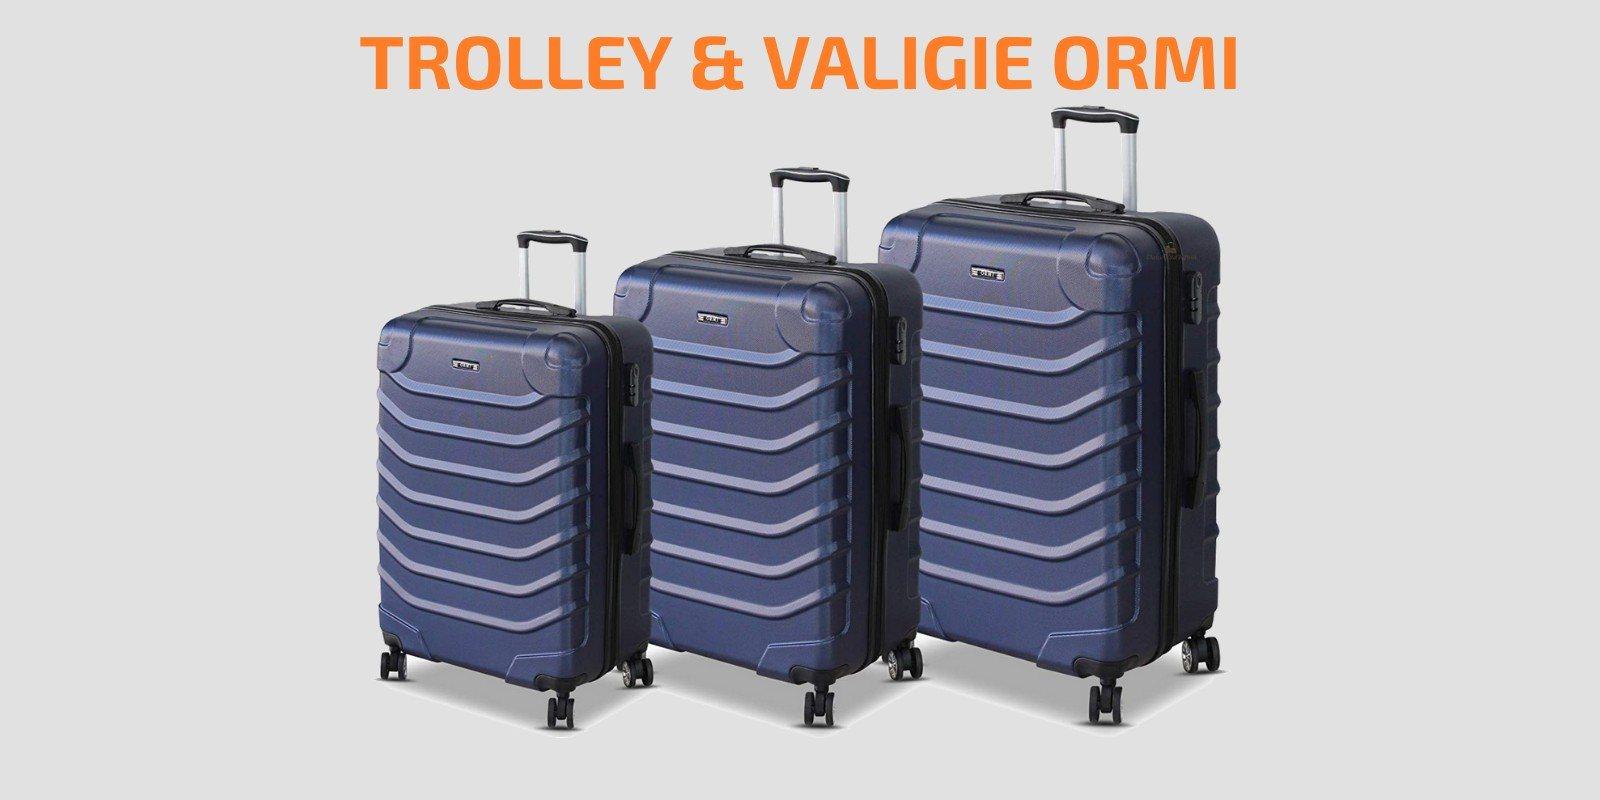 Valigie Trolley Ormi